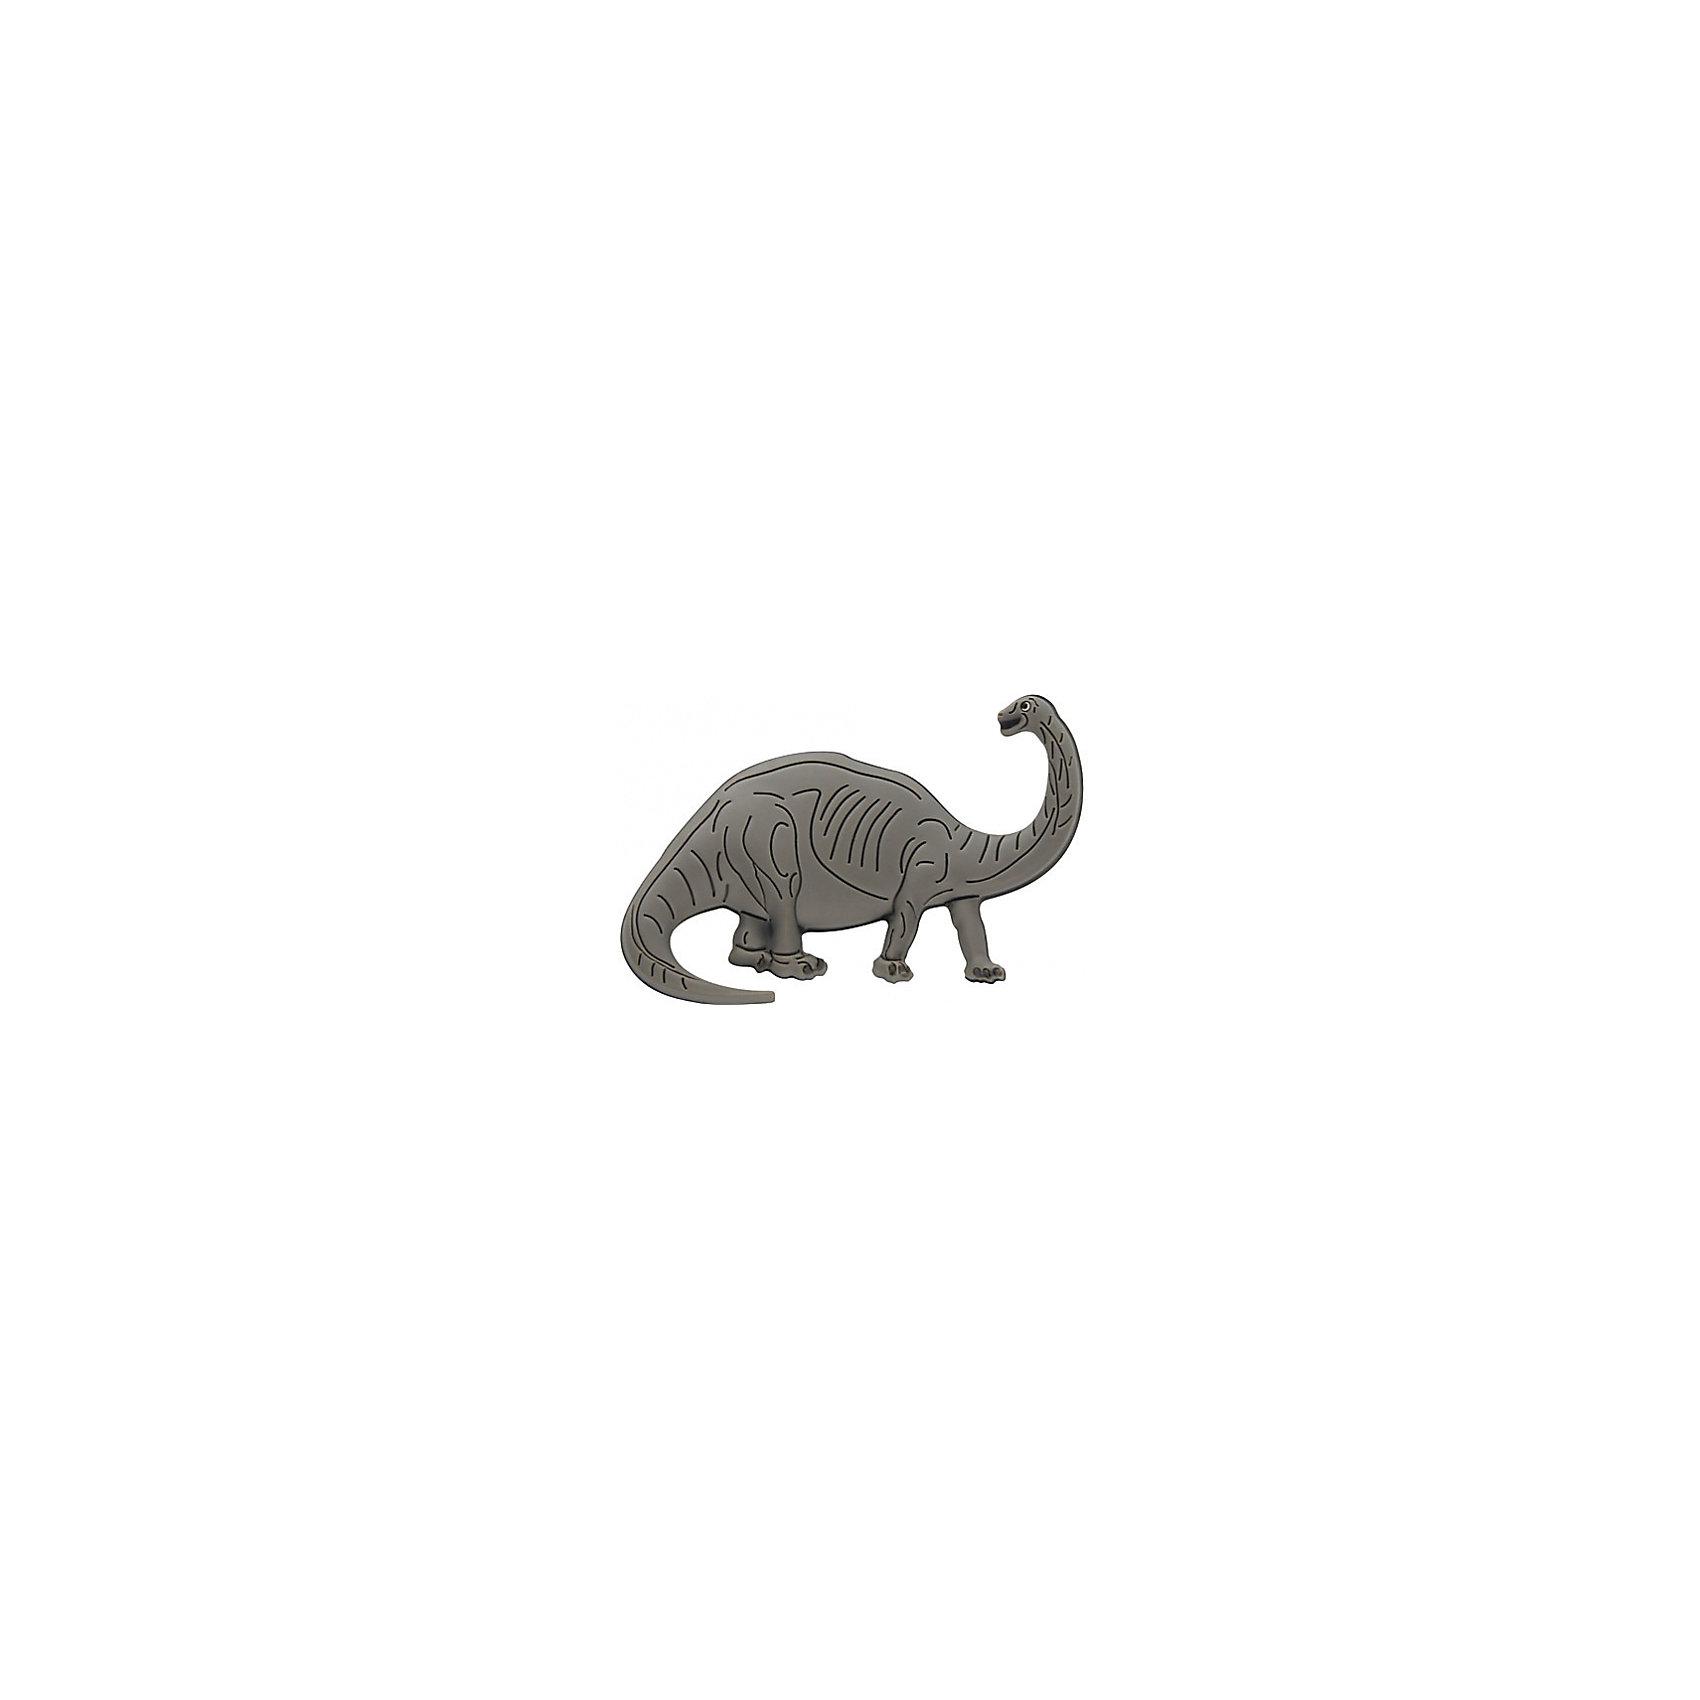 Украшение для сабо Crocs Brontosaurus